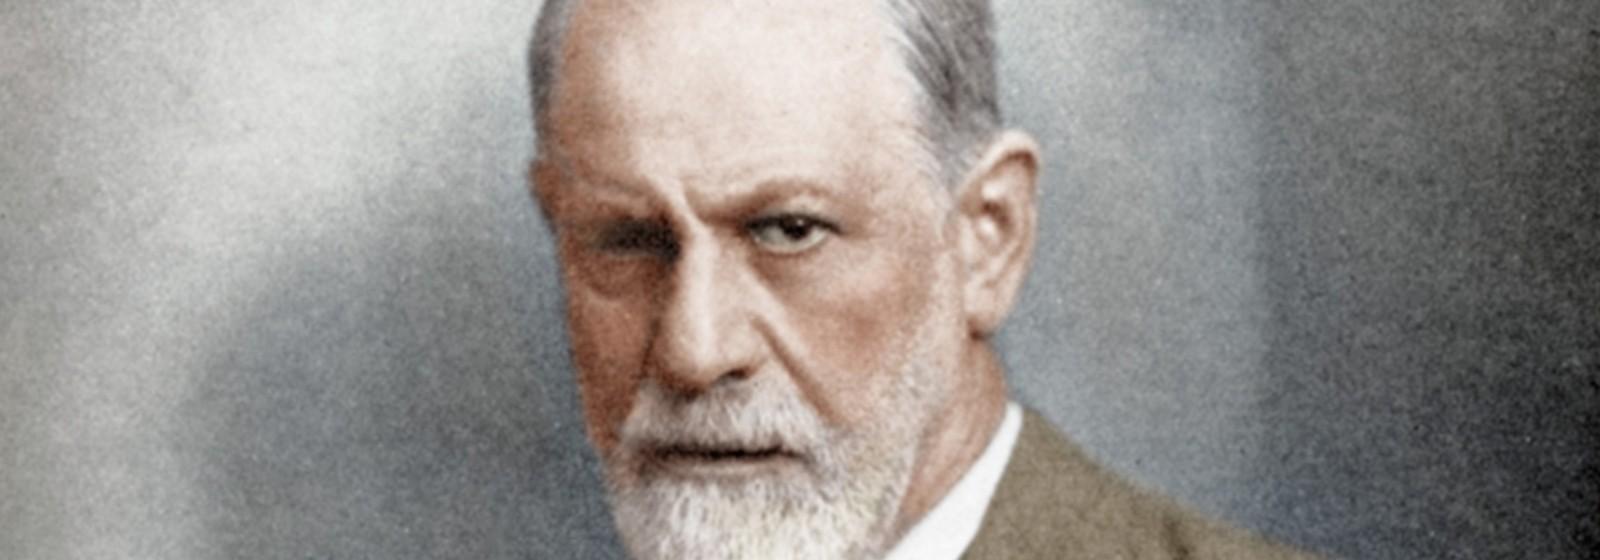 Gênios Da Modernidade: Freud